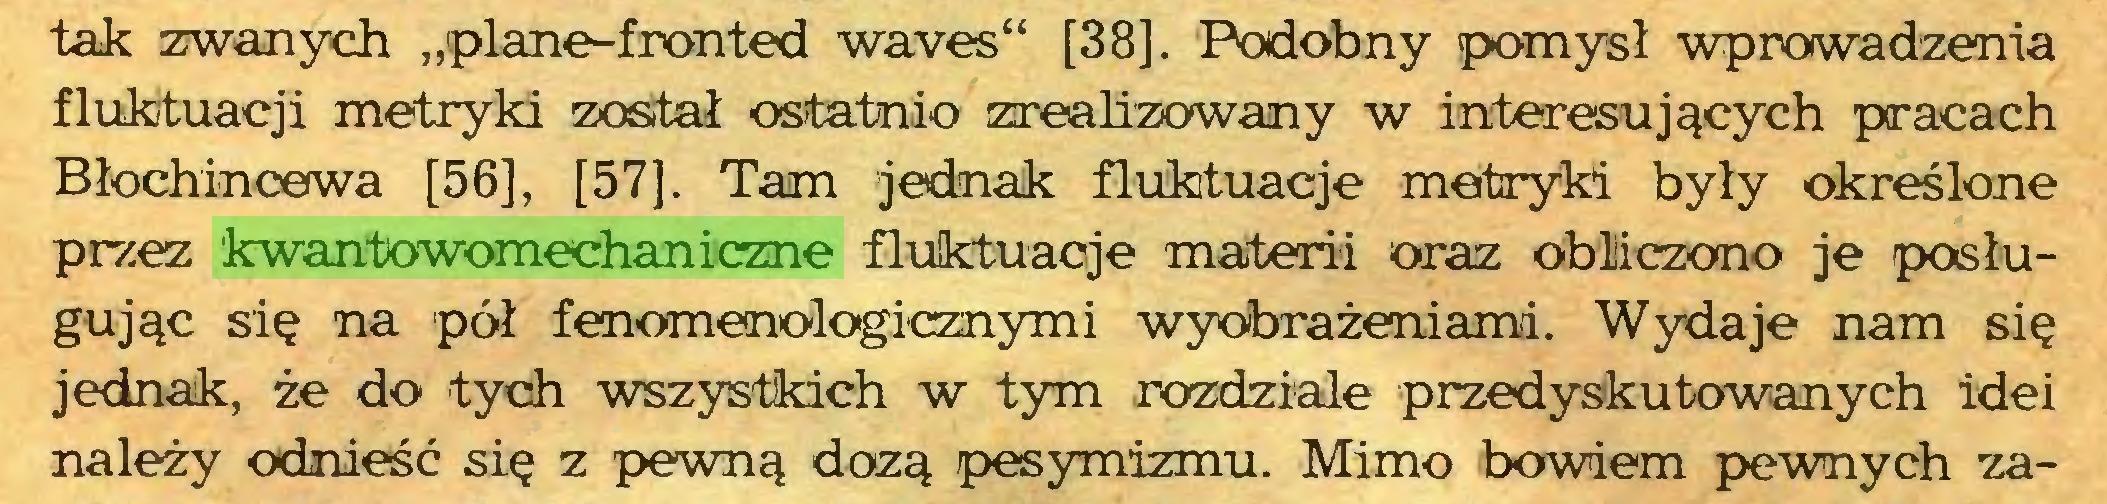 """(...) tak zwanych """"plane-fronted waves"""" [38]. Podobny pomysł wprowadzenia fluktuacji metryki został ostatnio zrealizowany w interesujących pracach Błochincewa [56], [57]. Tam jednak fluktuacje metryki były określone przez kwantowomechaniczne fluktuacje materii oraz obliczono je posługując się na pół fenomenologicznymi wyobrażeniami. Wydaje nam się jednak, że do tych wszystkich w tym rozdziale przedyskutowanych idei należy odnieść się z pewną dozą pesymizmu. Mimo bowiem pewnych za..."""